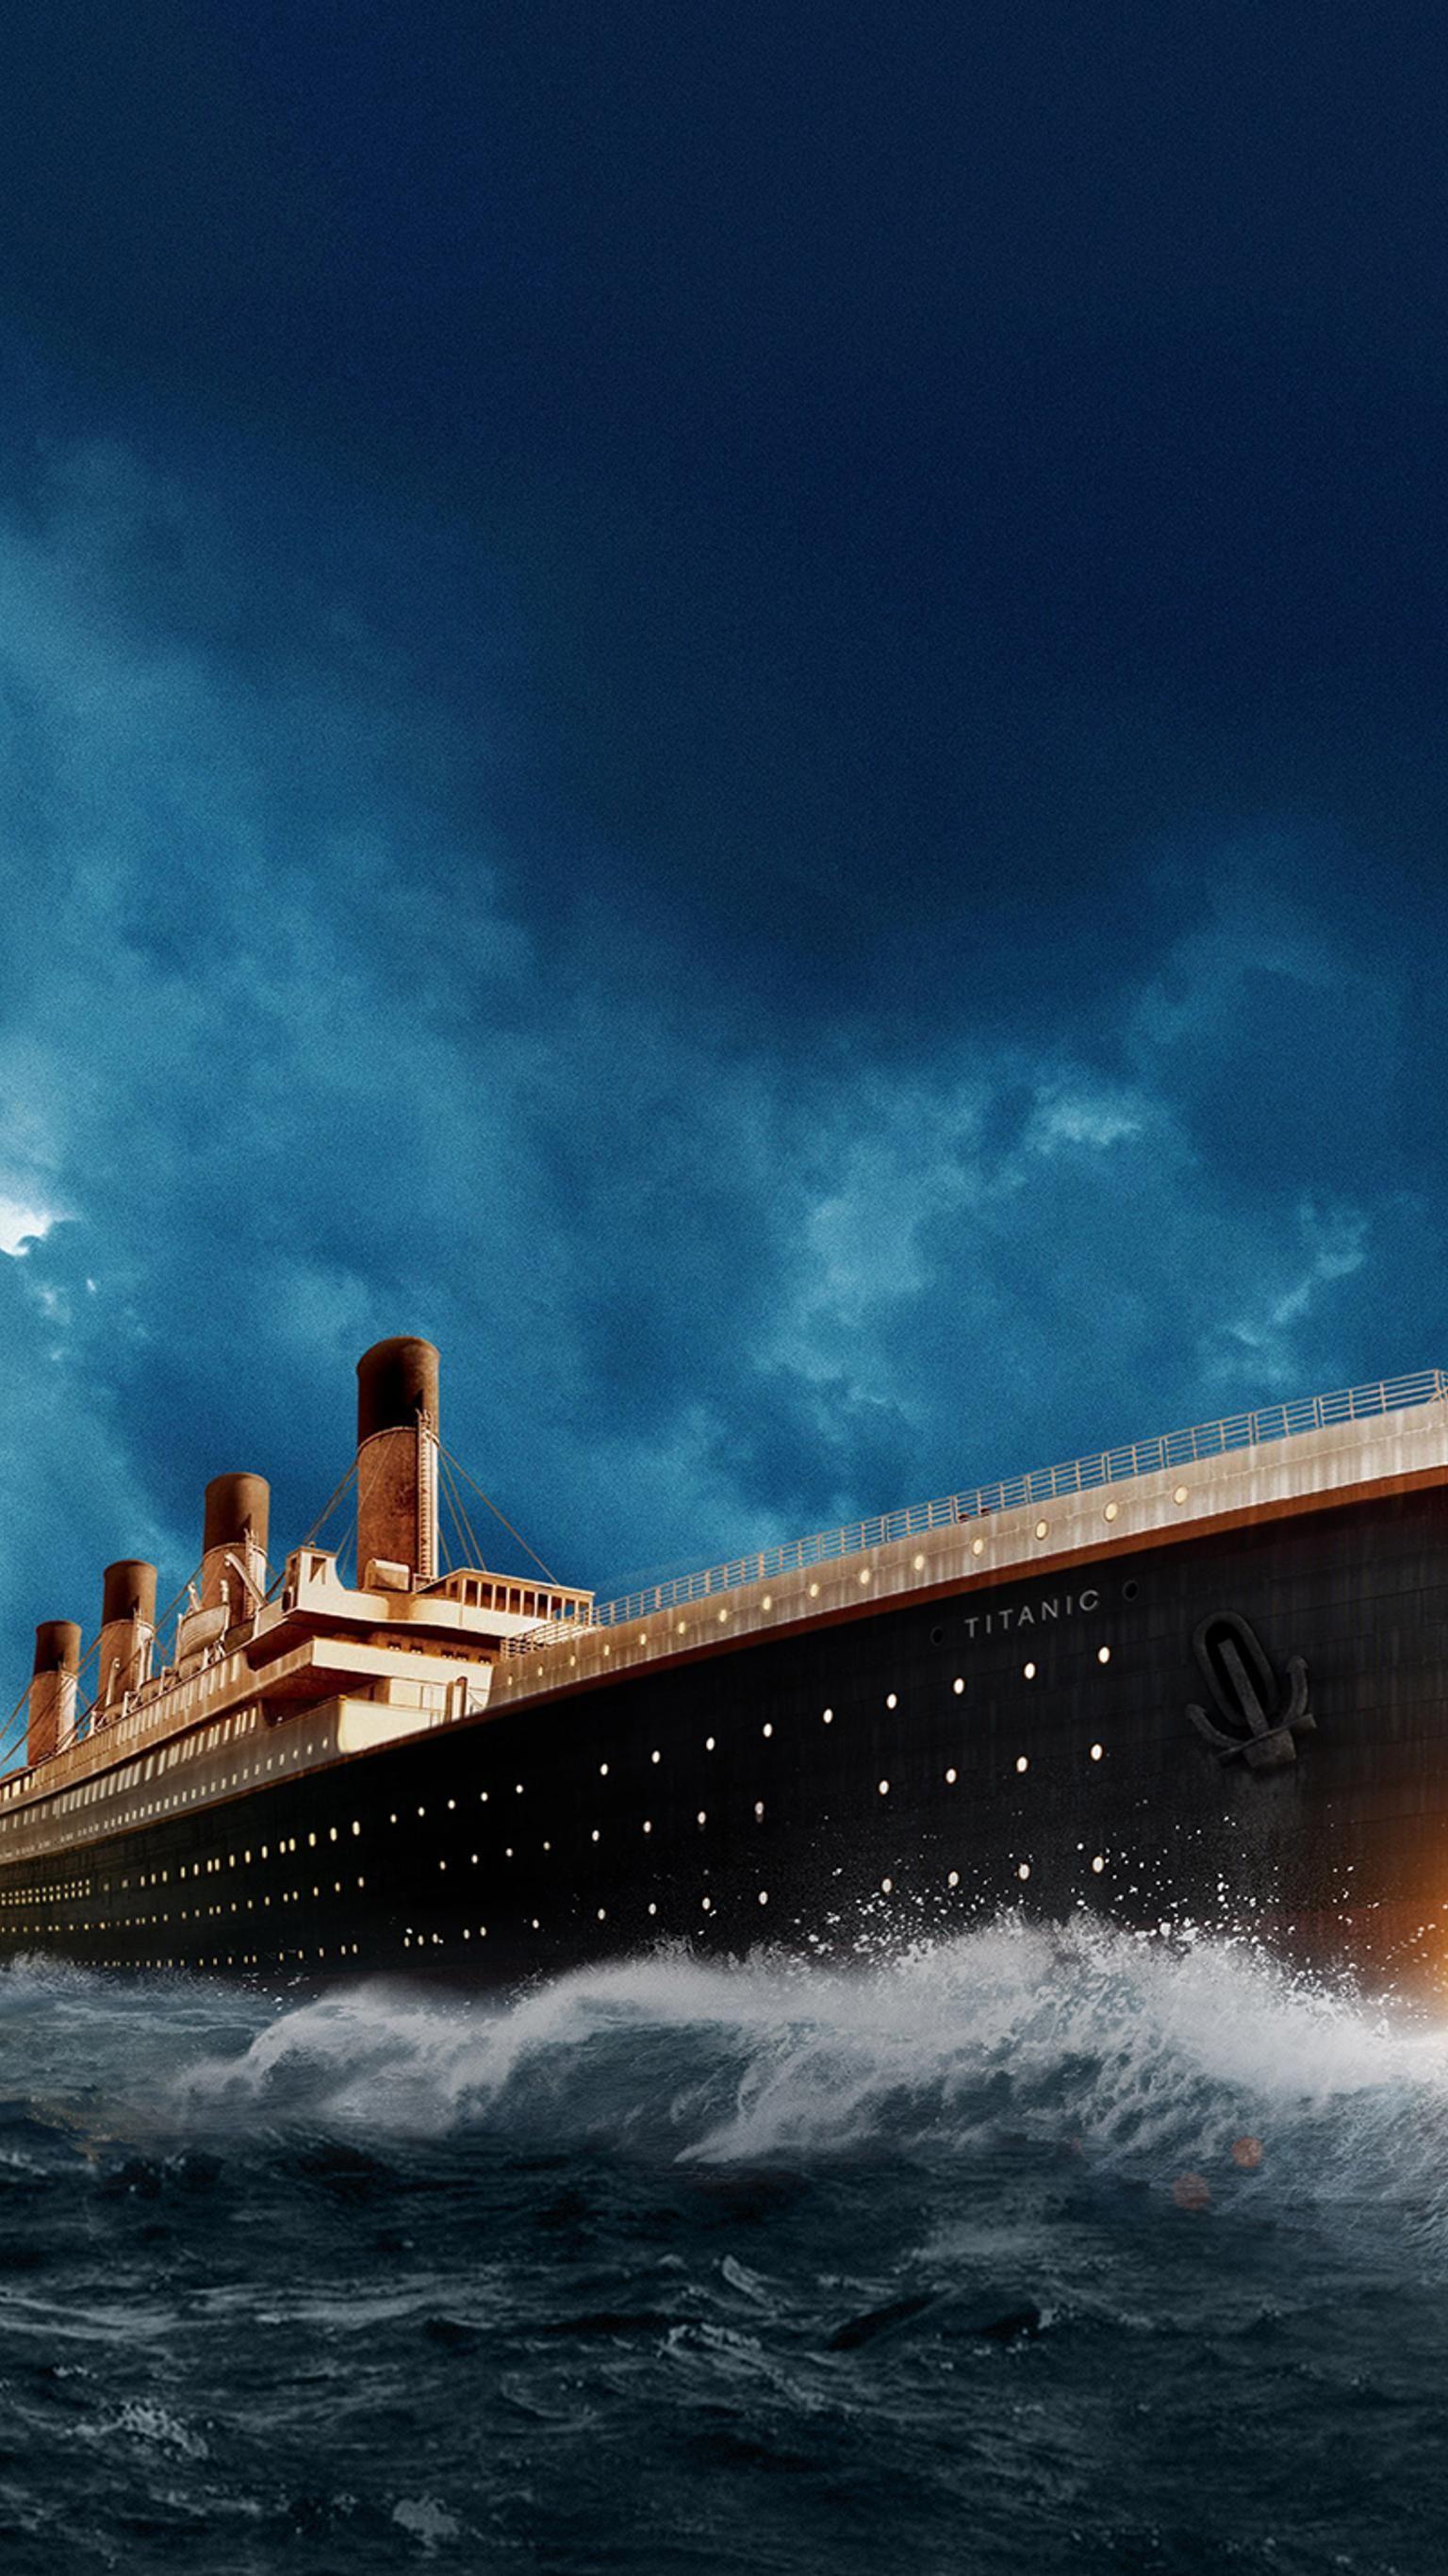 Titanic 1997 Phone Wallpaper Titanic Poster Titanic Ship Rms